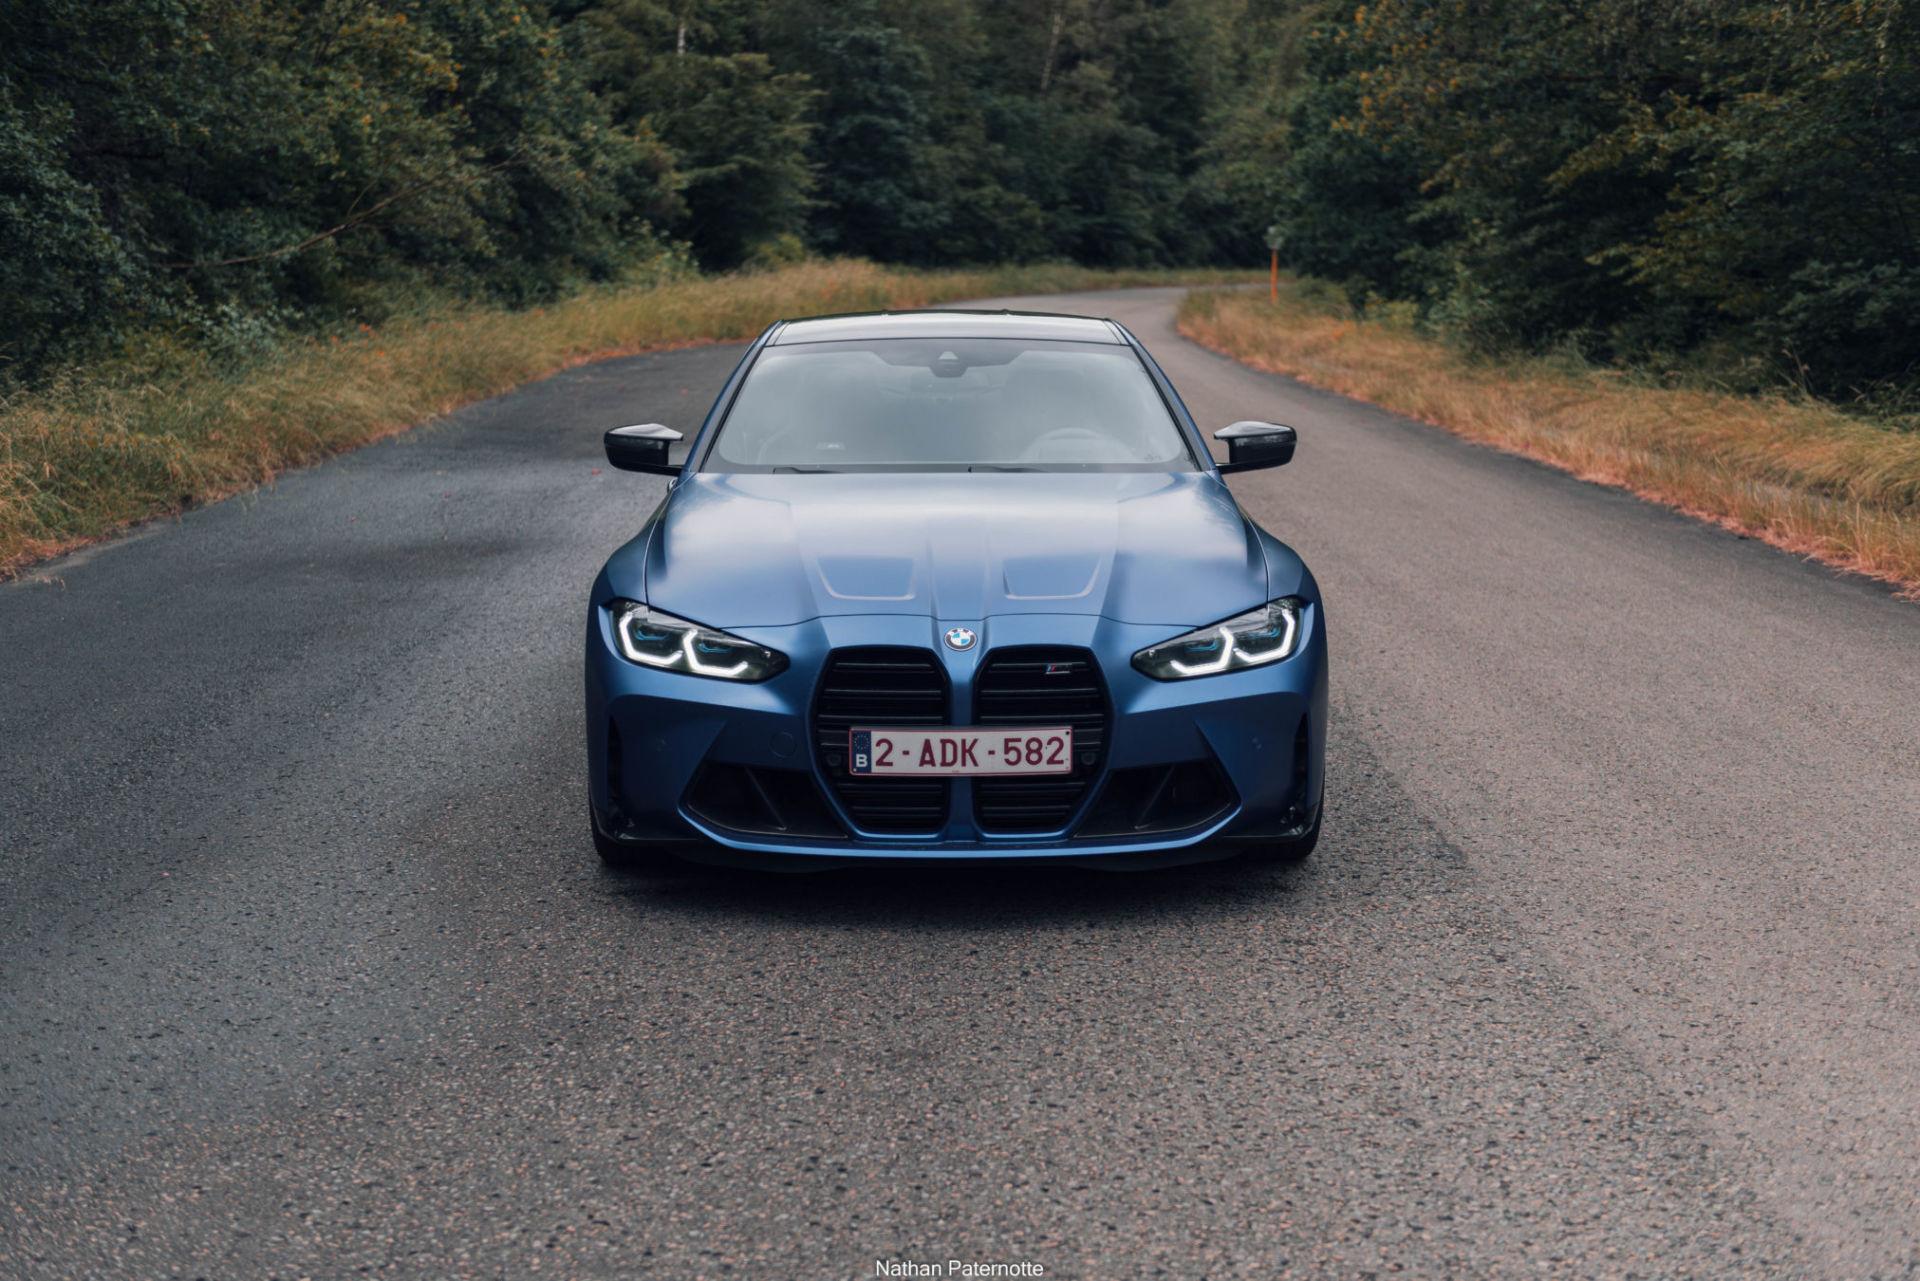 Essai : BMW M4 Competition 2021